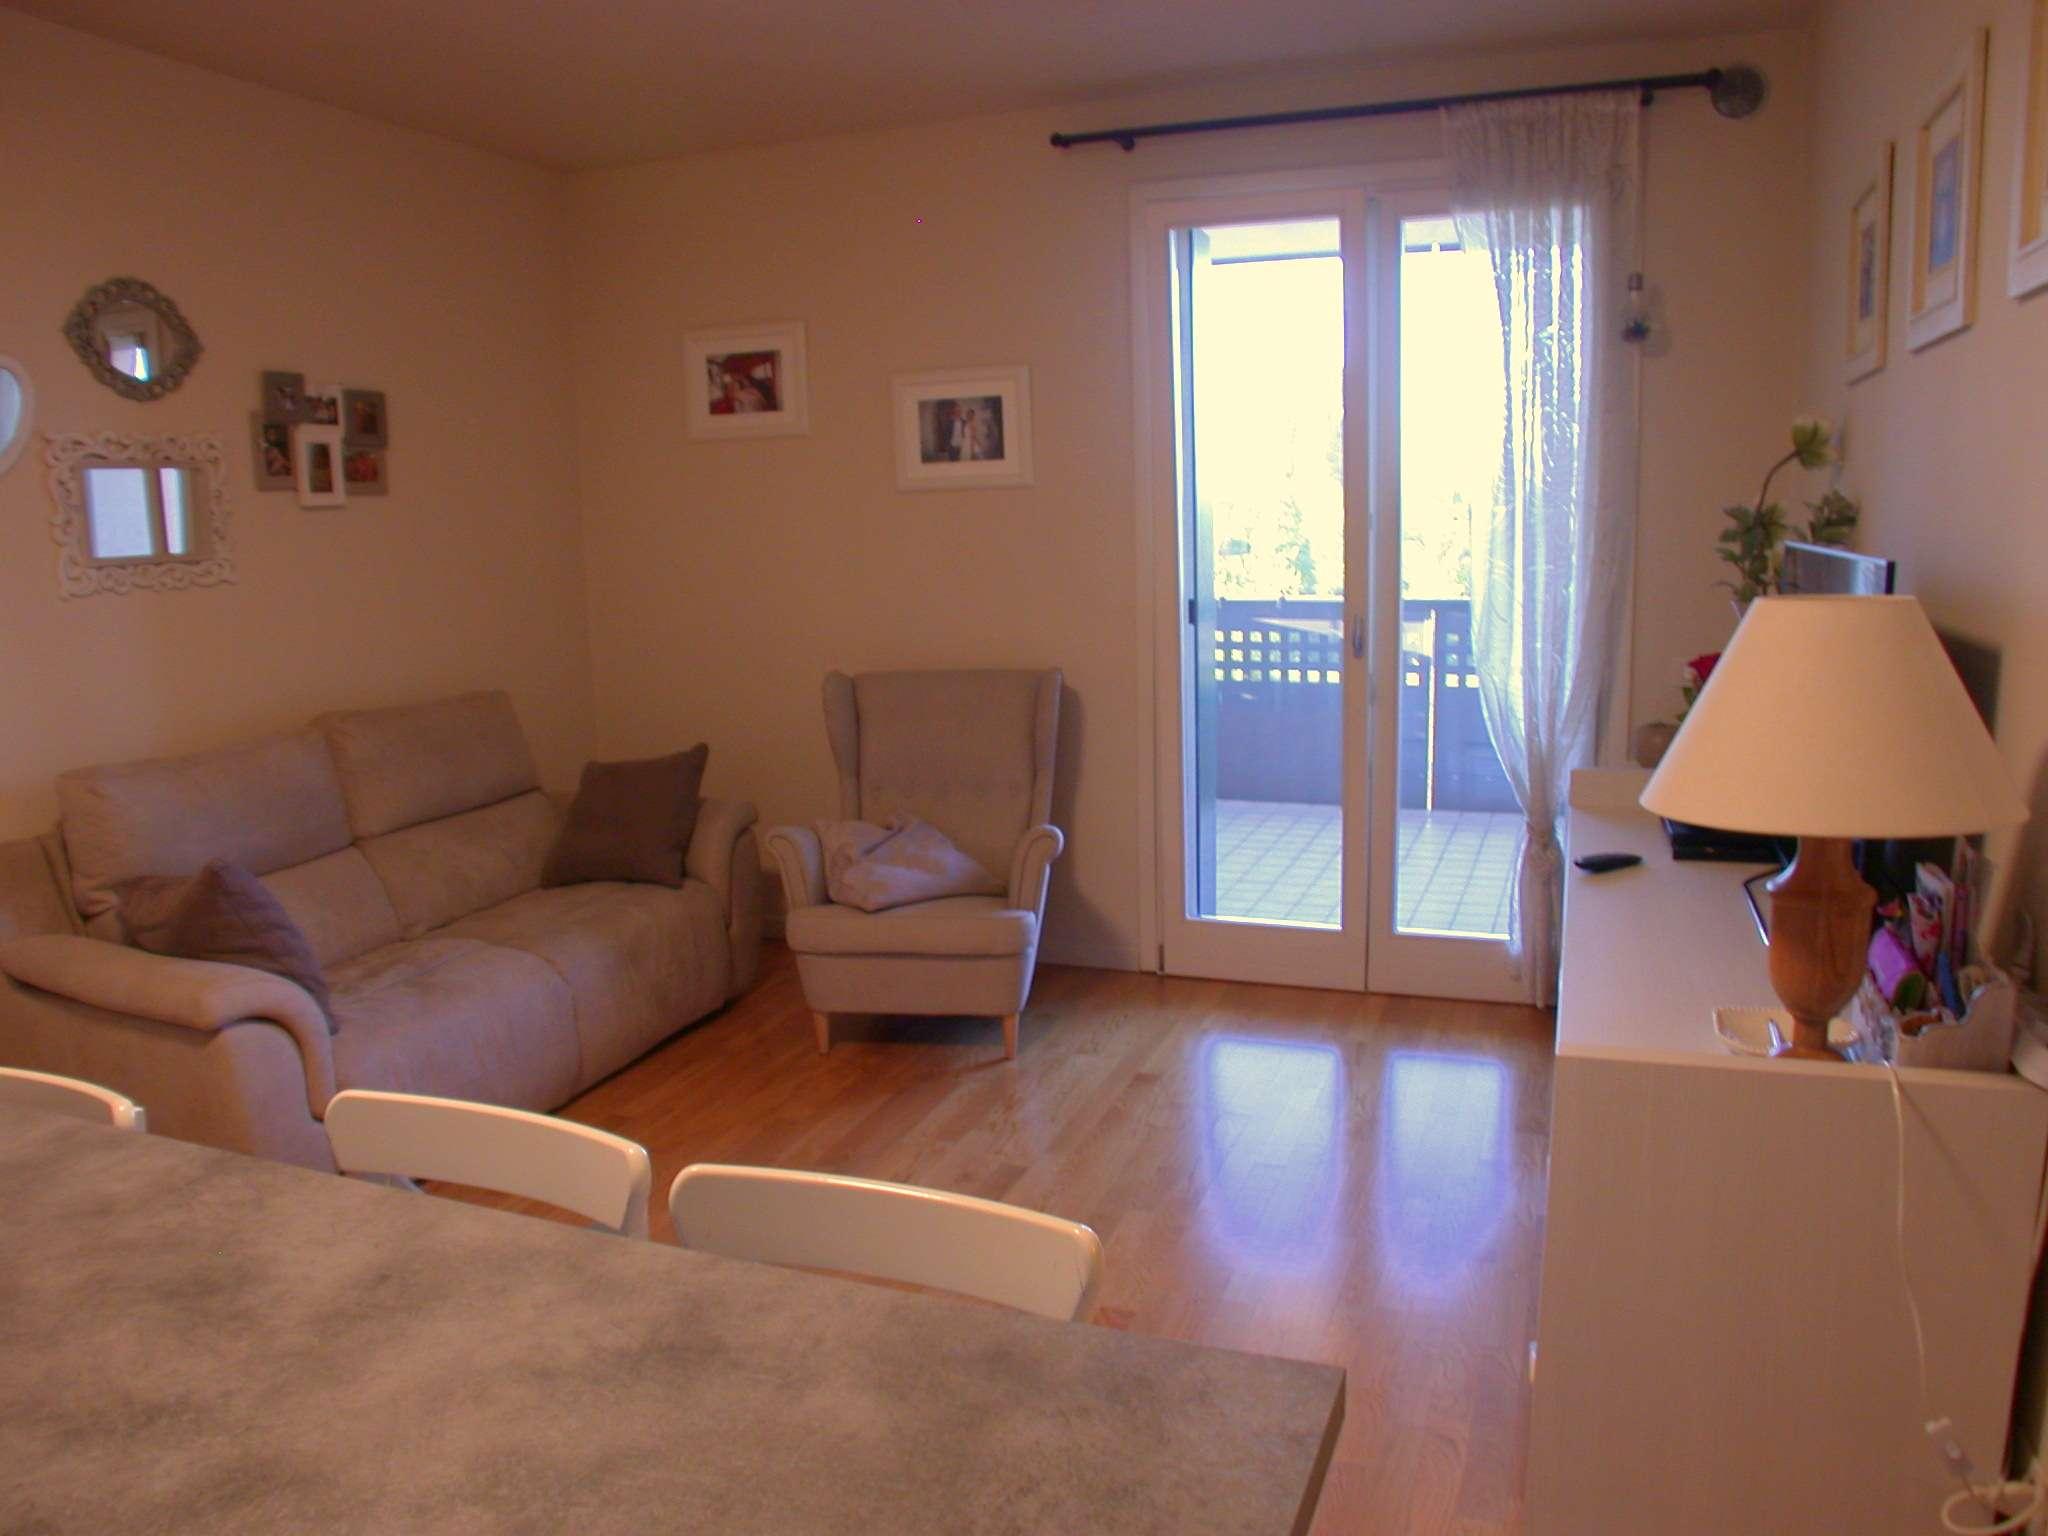 Appartamento in vendita a Silea, 3 locali, prezzo € 140.000 | PortaleAgenzieImmobiliari.it